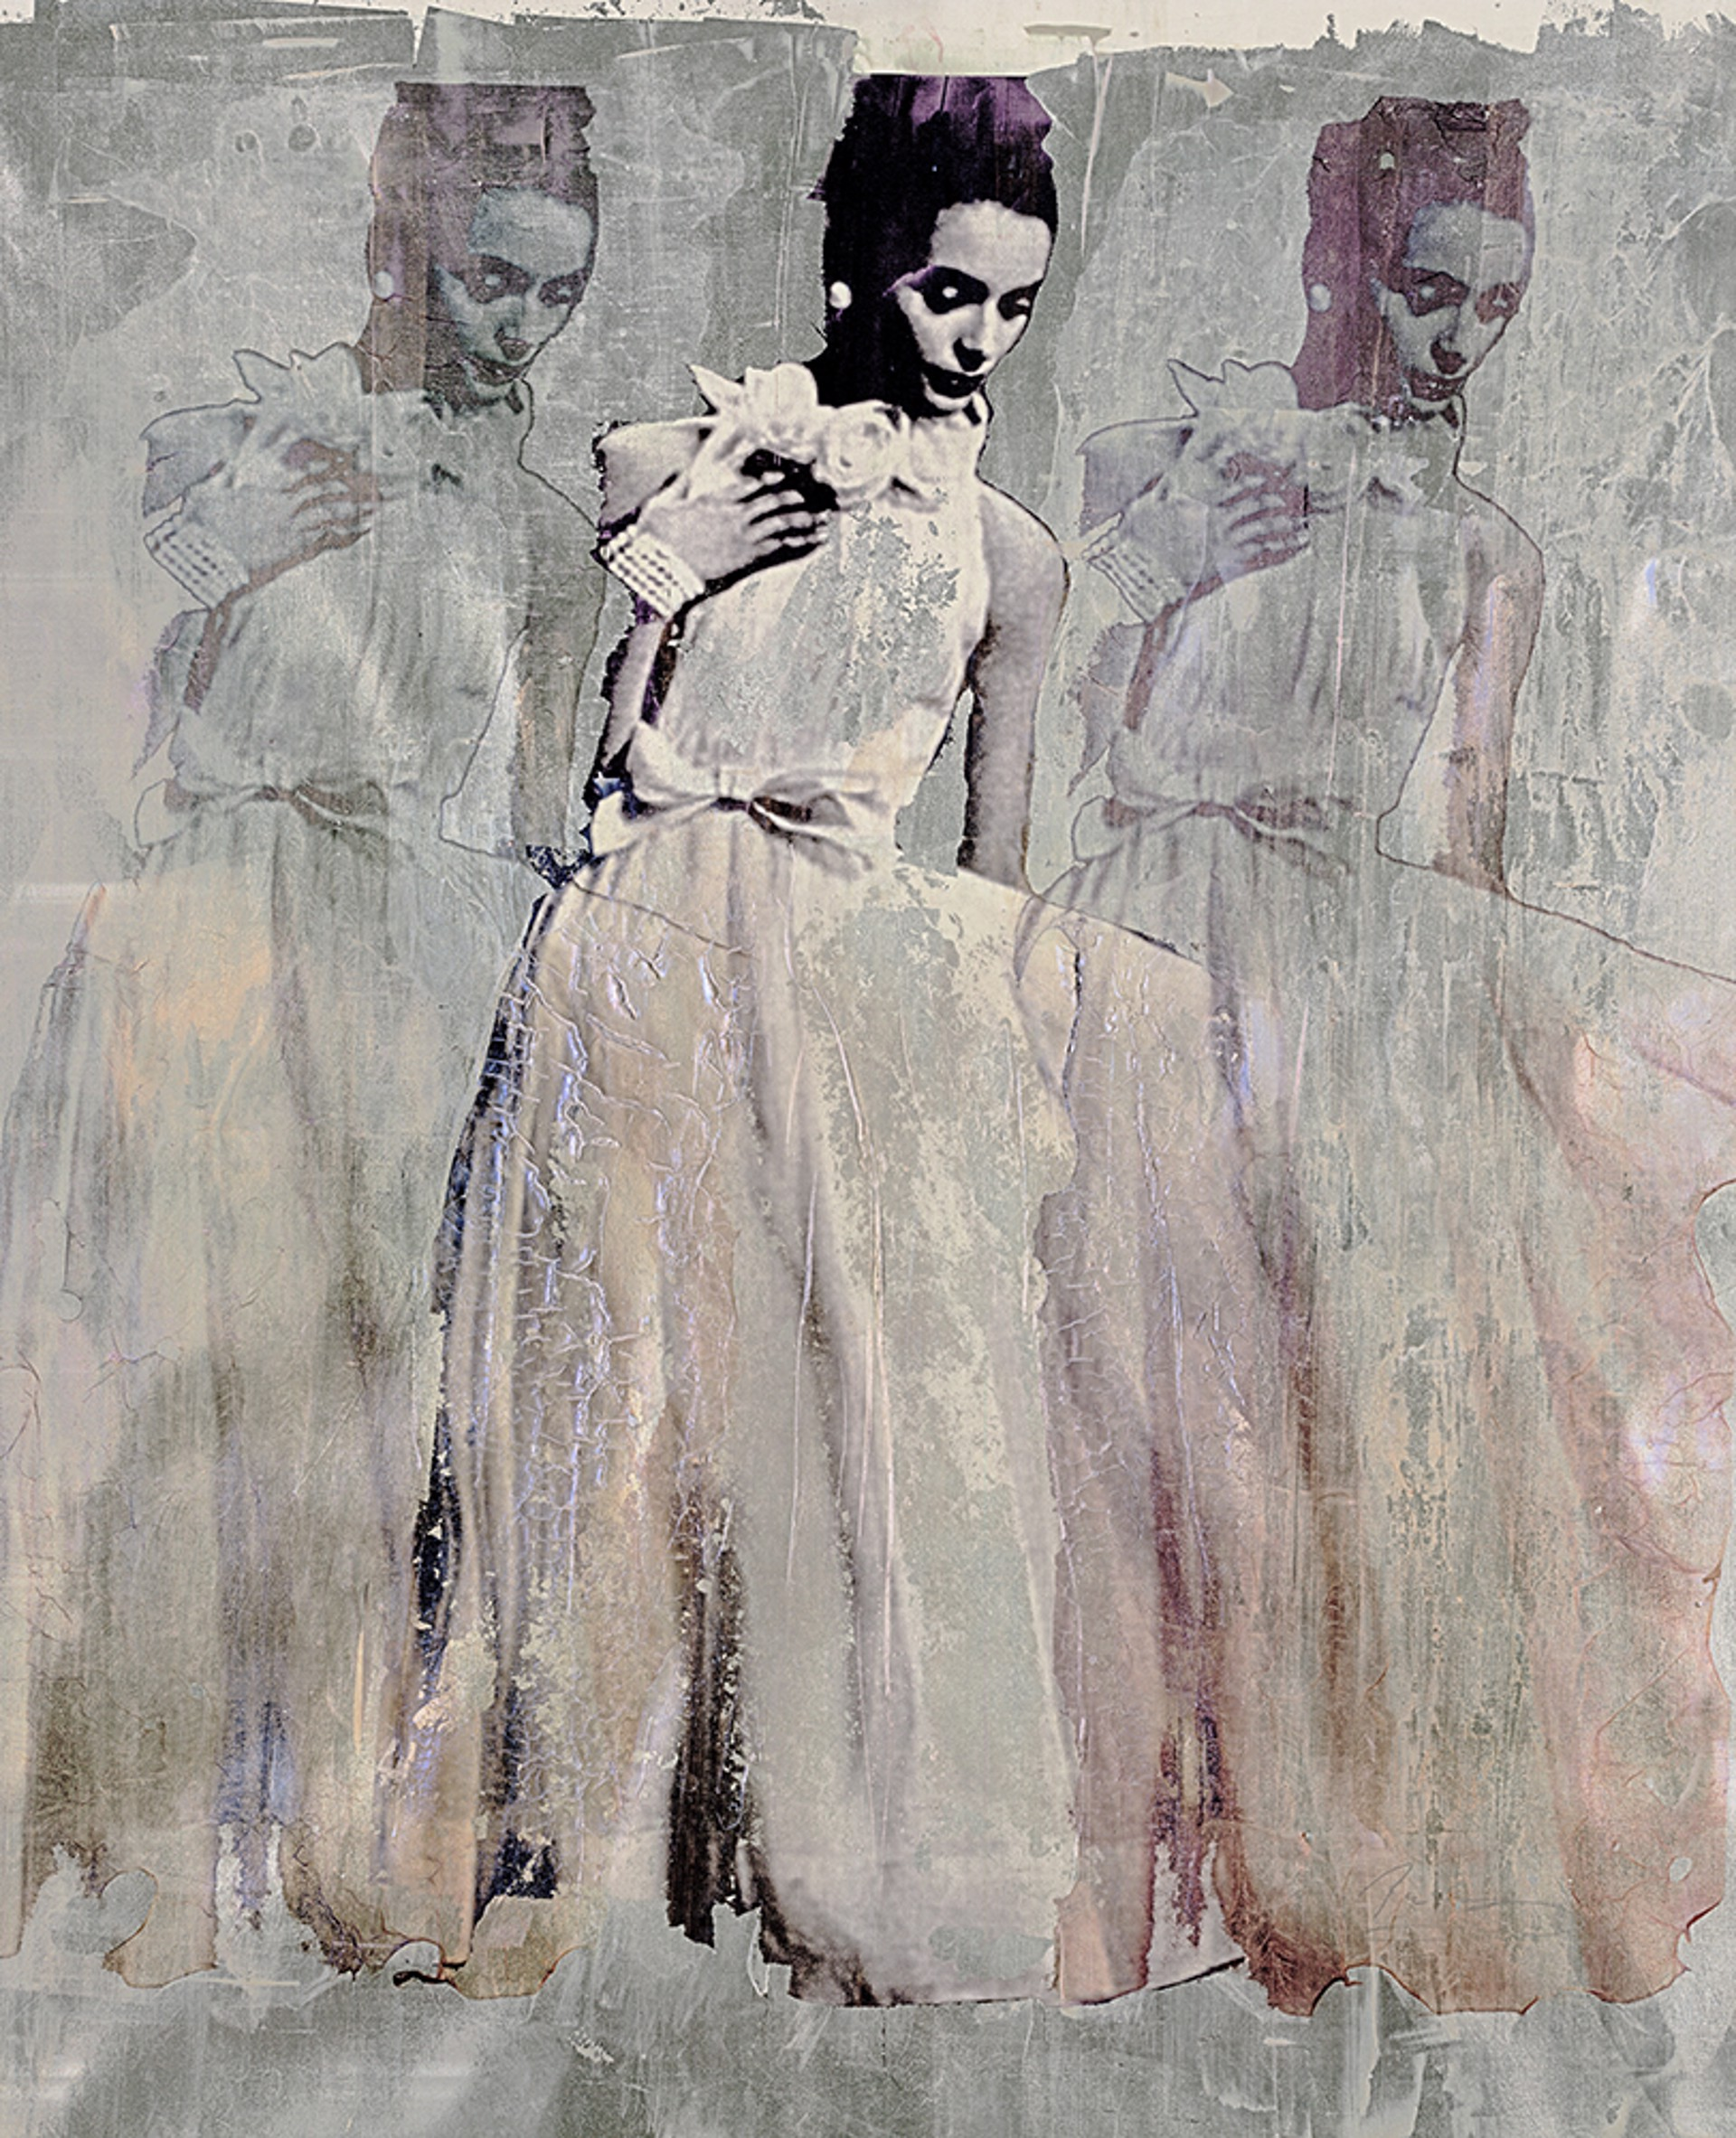 Boudoir Reflection by Pezhman, Boudoir